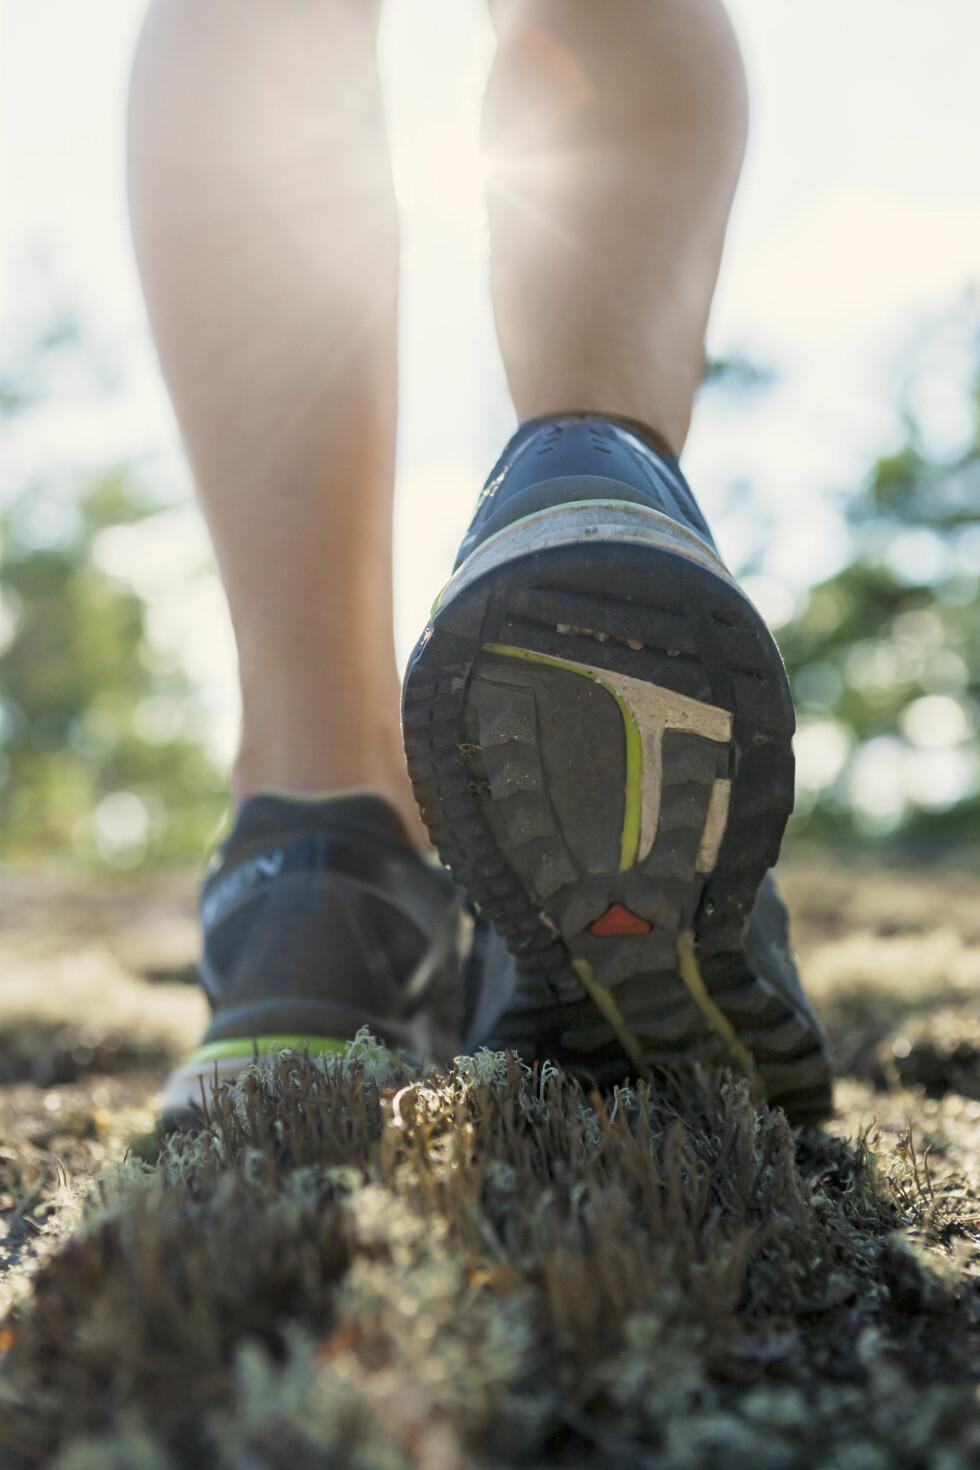 HOLD DEG AKTIV: Aktivitet er bra for helsen, men ikke nok for å senke kolesterolet. Kostholdsendringer må til om kolesterolet ditt er for høyt, og for noen er det aktuelt med medisiner.  Foto: Scanpix